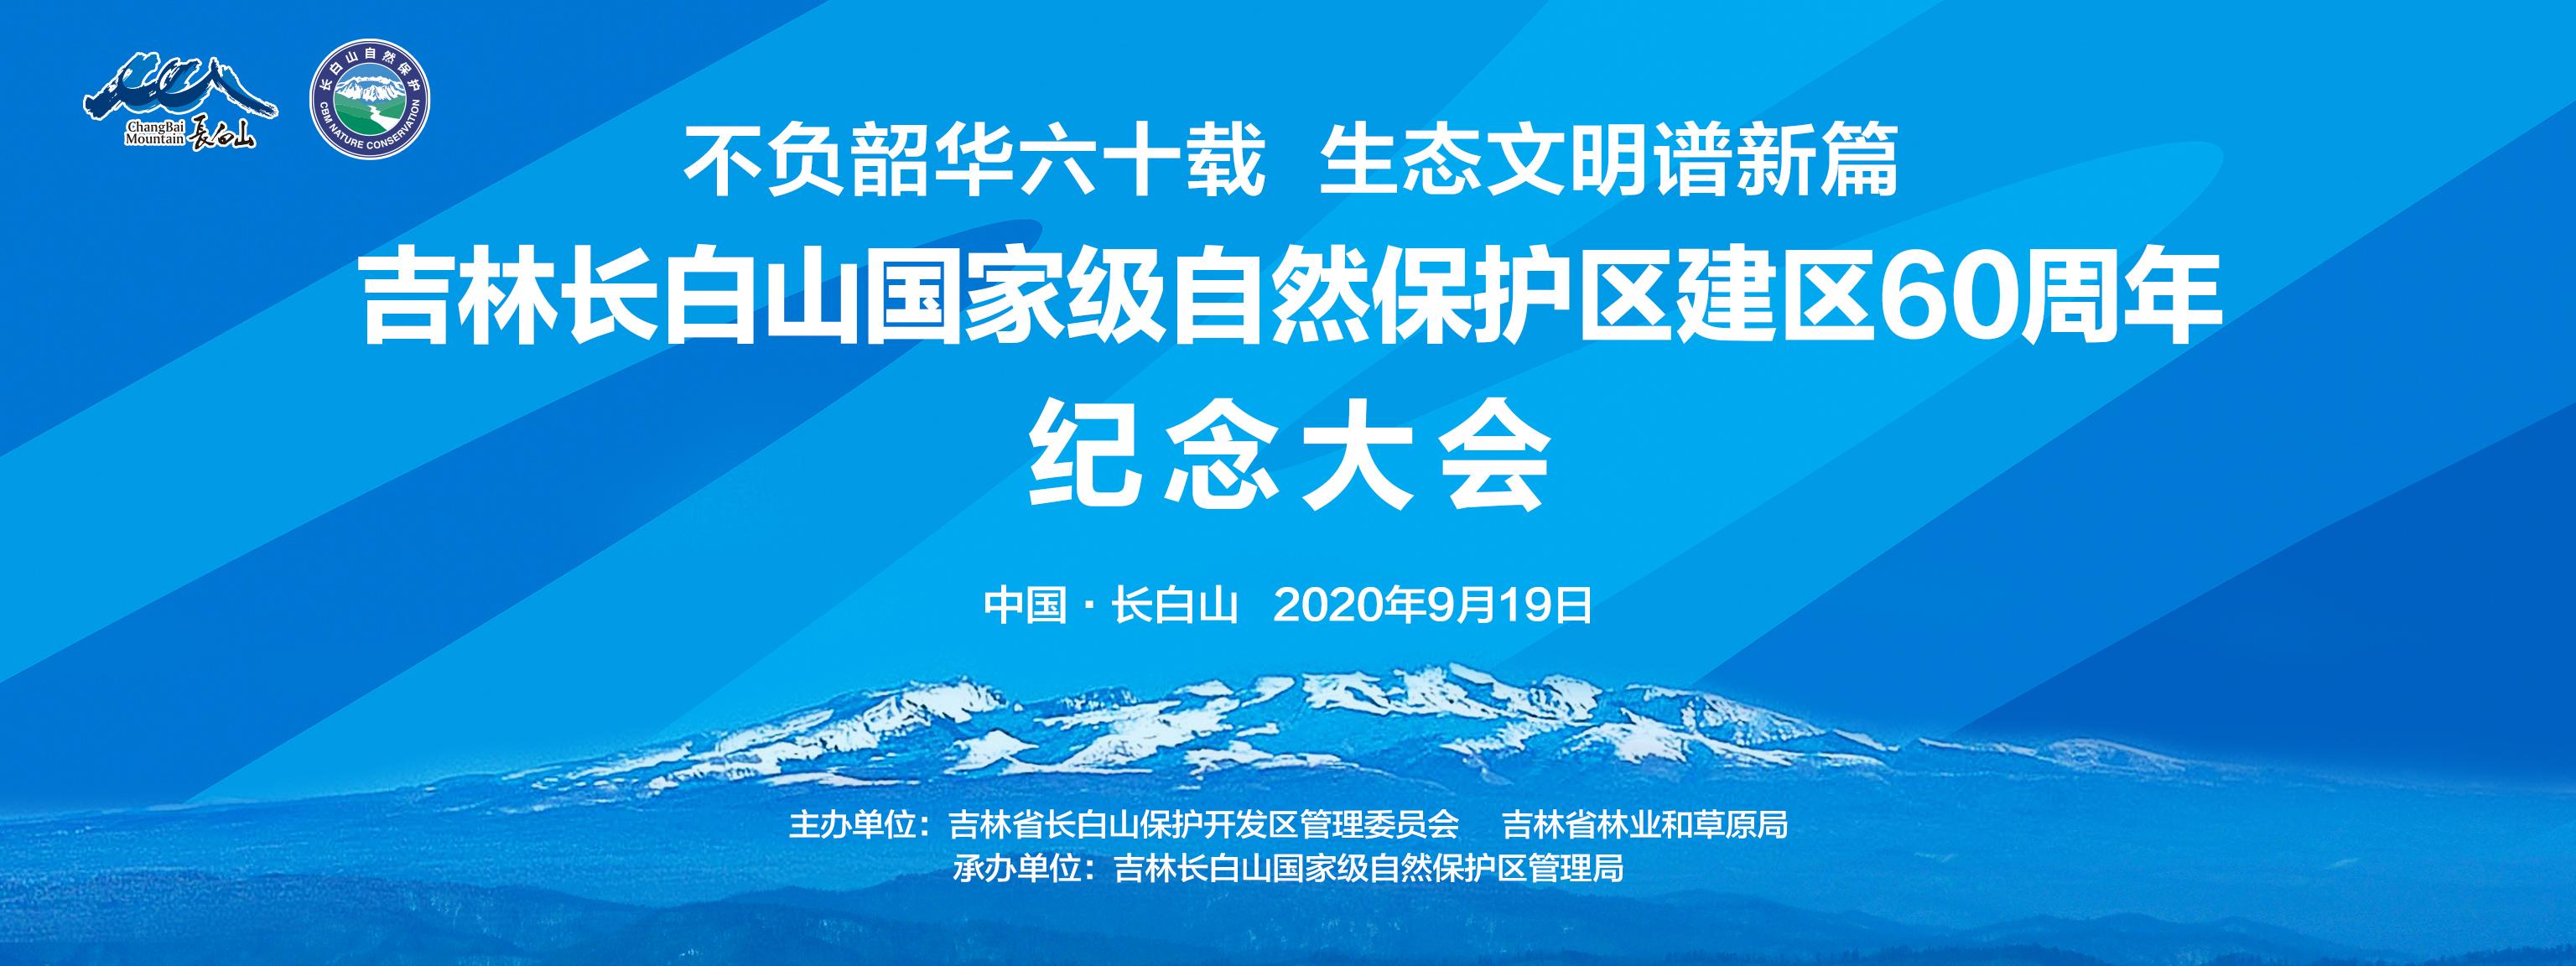 長白山自然保護區建區60周年紀念大會